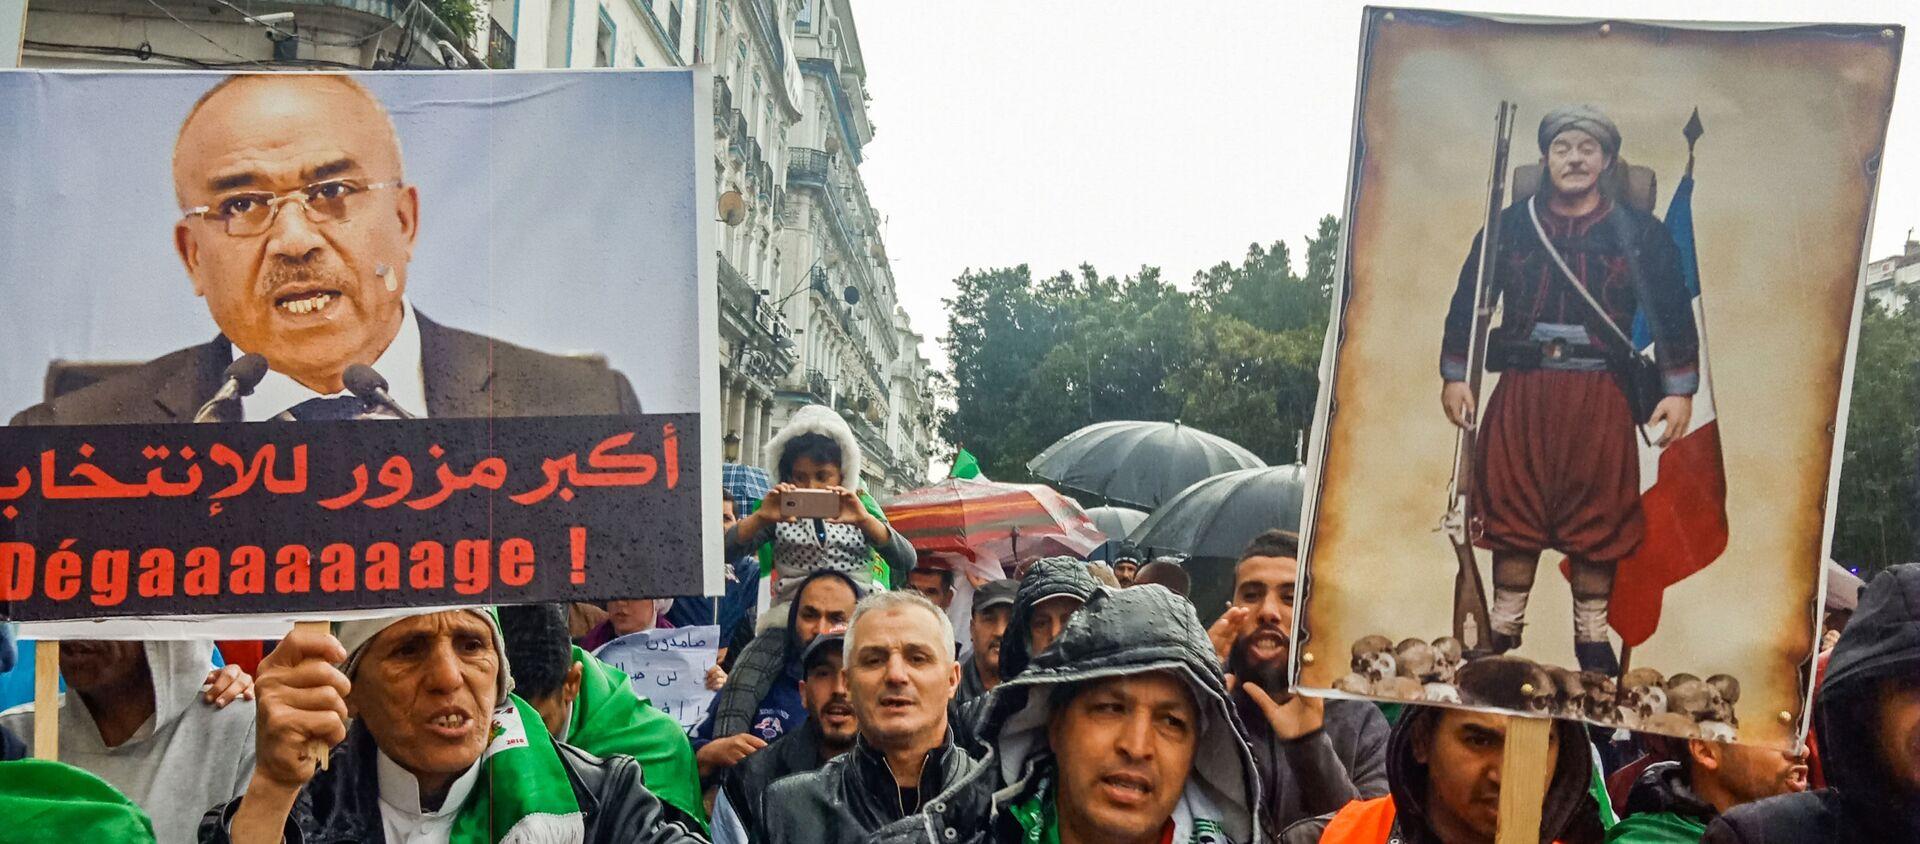 Des Algériens brandissent des pancartes contre l'ancien Premier ministre Ahmed Ouyahia. - Sputnik France, 1920, 06.03.2020